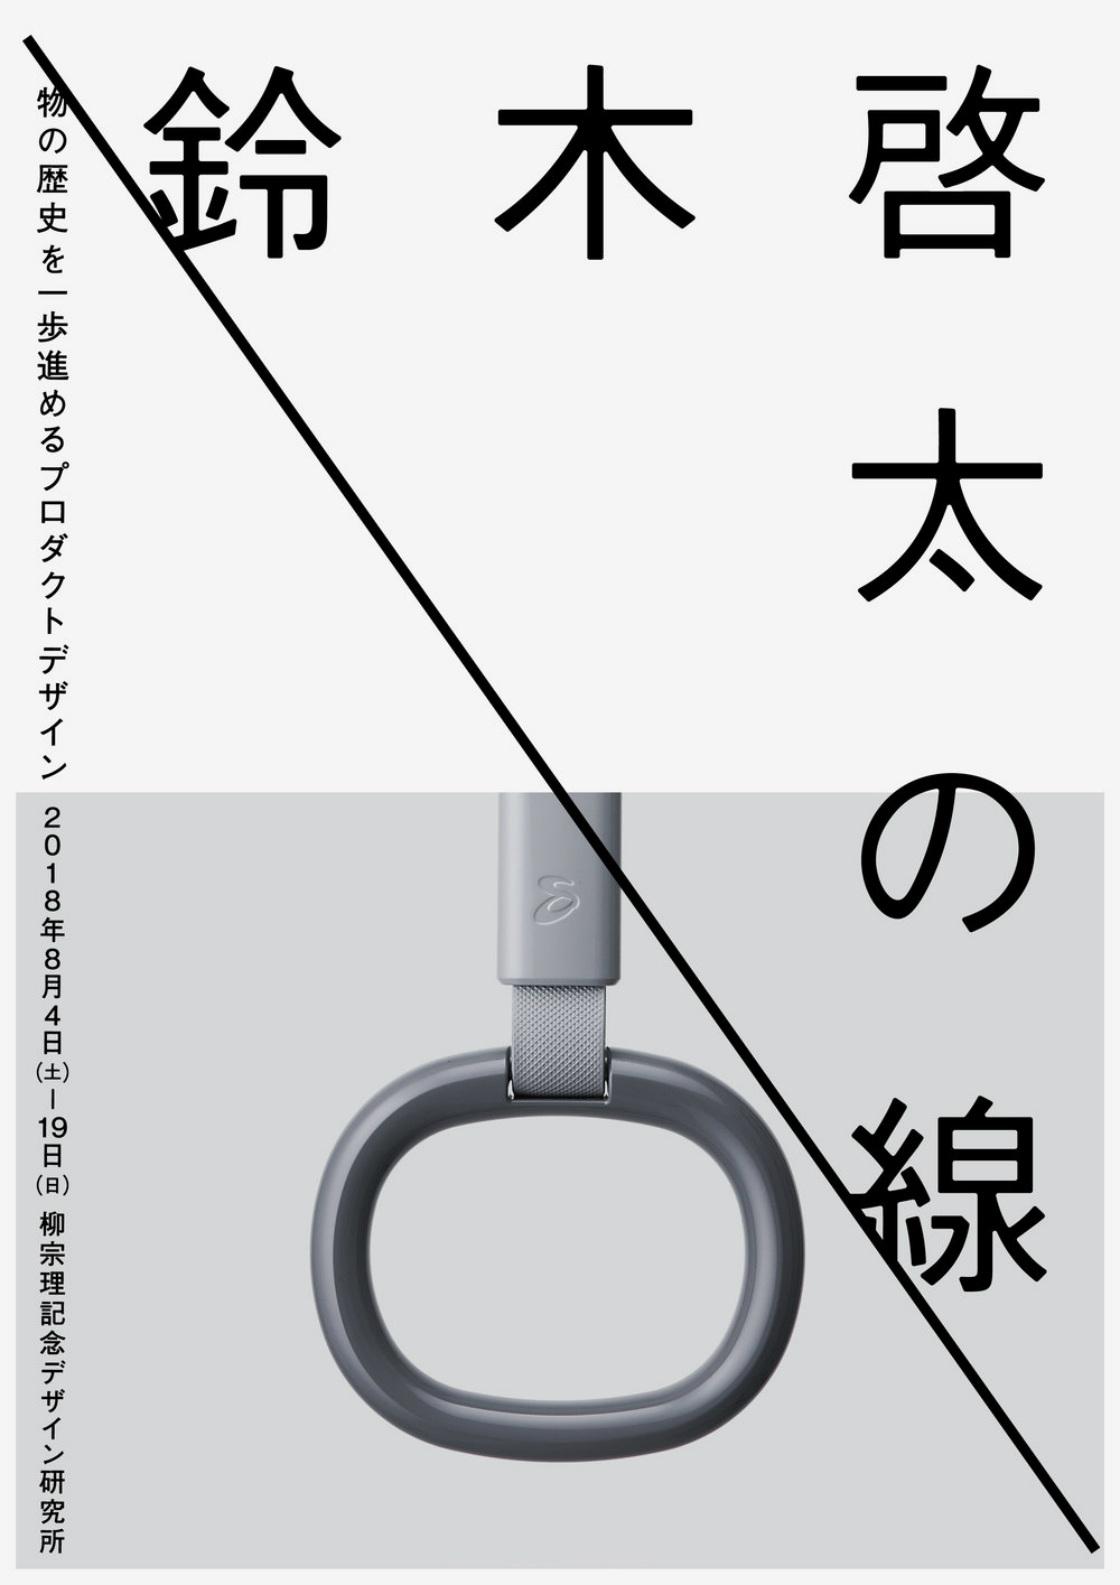 「鈴木啓太の線:LINE by Keita Suzuki」メインビジュアル